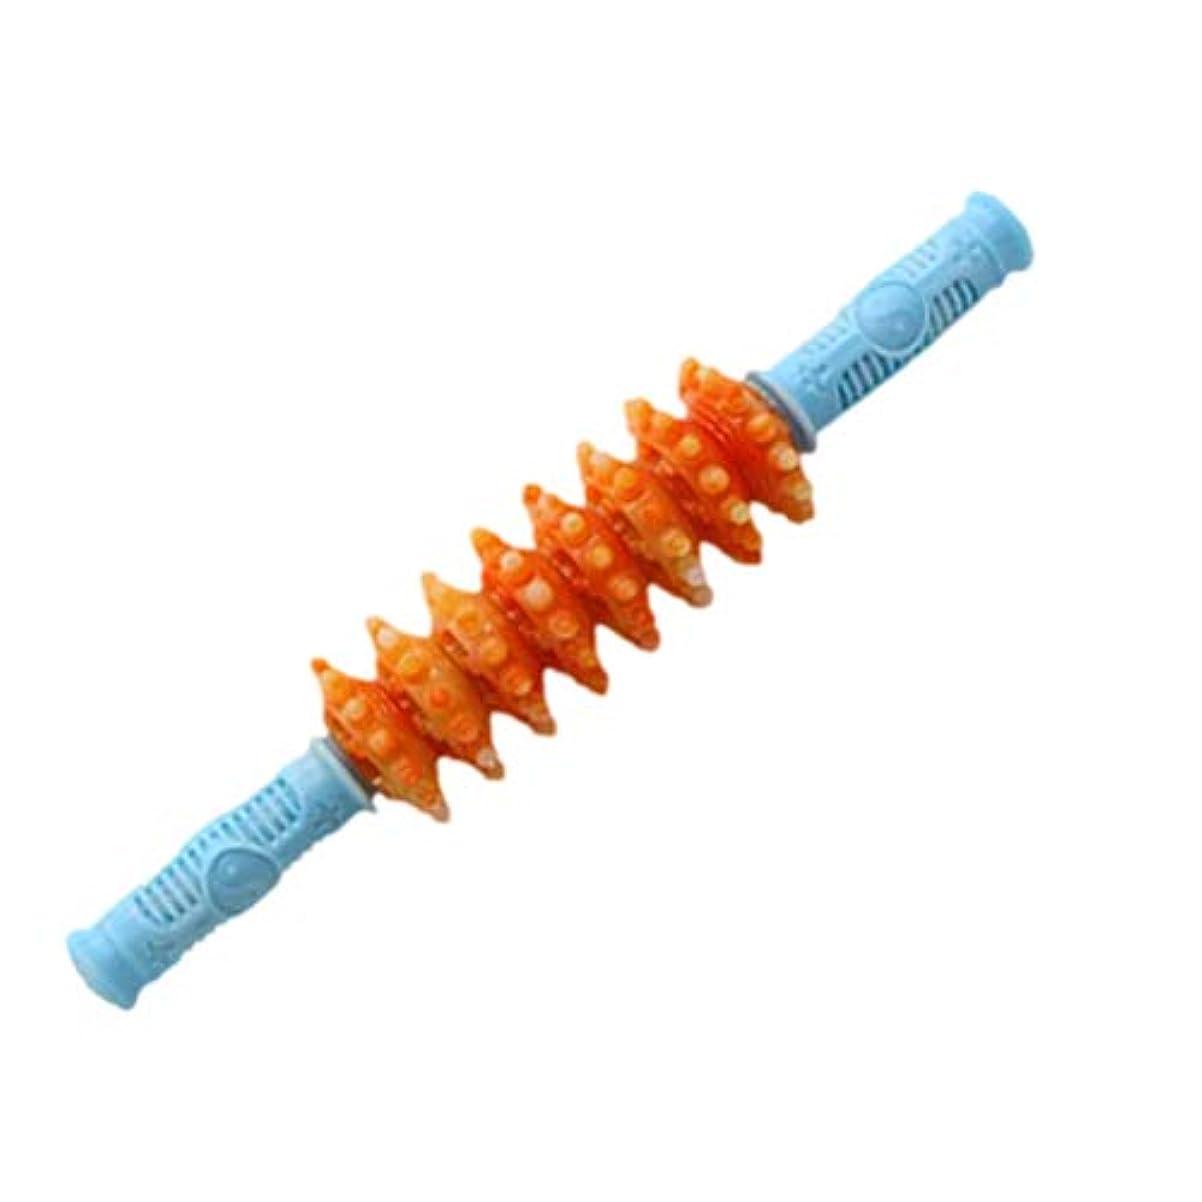 スライムシネマプラスチックHealifty 筋肉痛筋肉痛筋膜痛を和らげるためのヨガの筋肉ローラーマッサージスティック